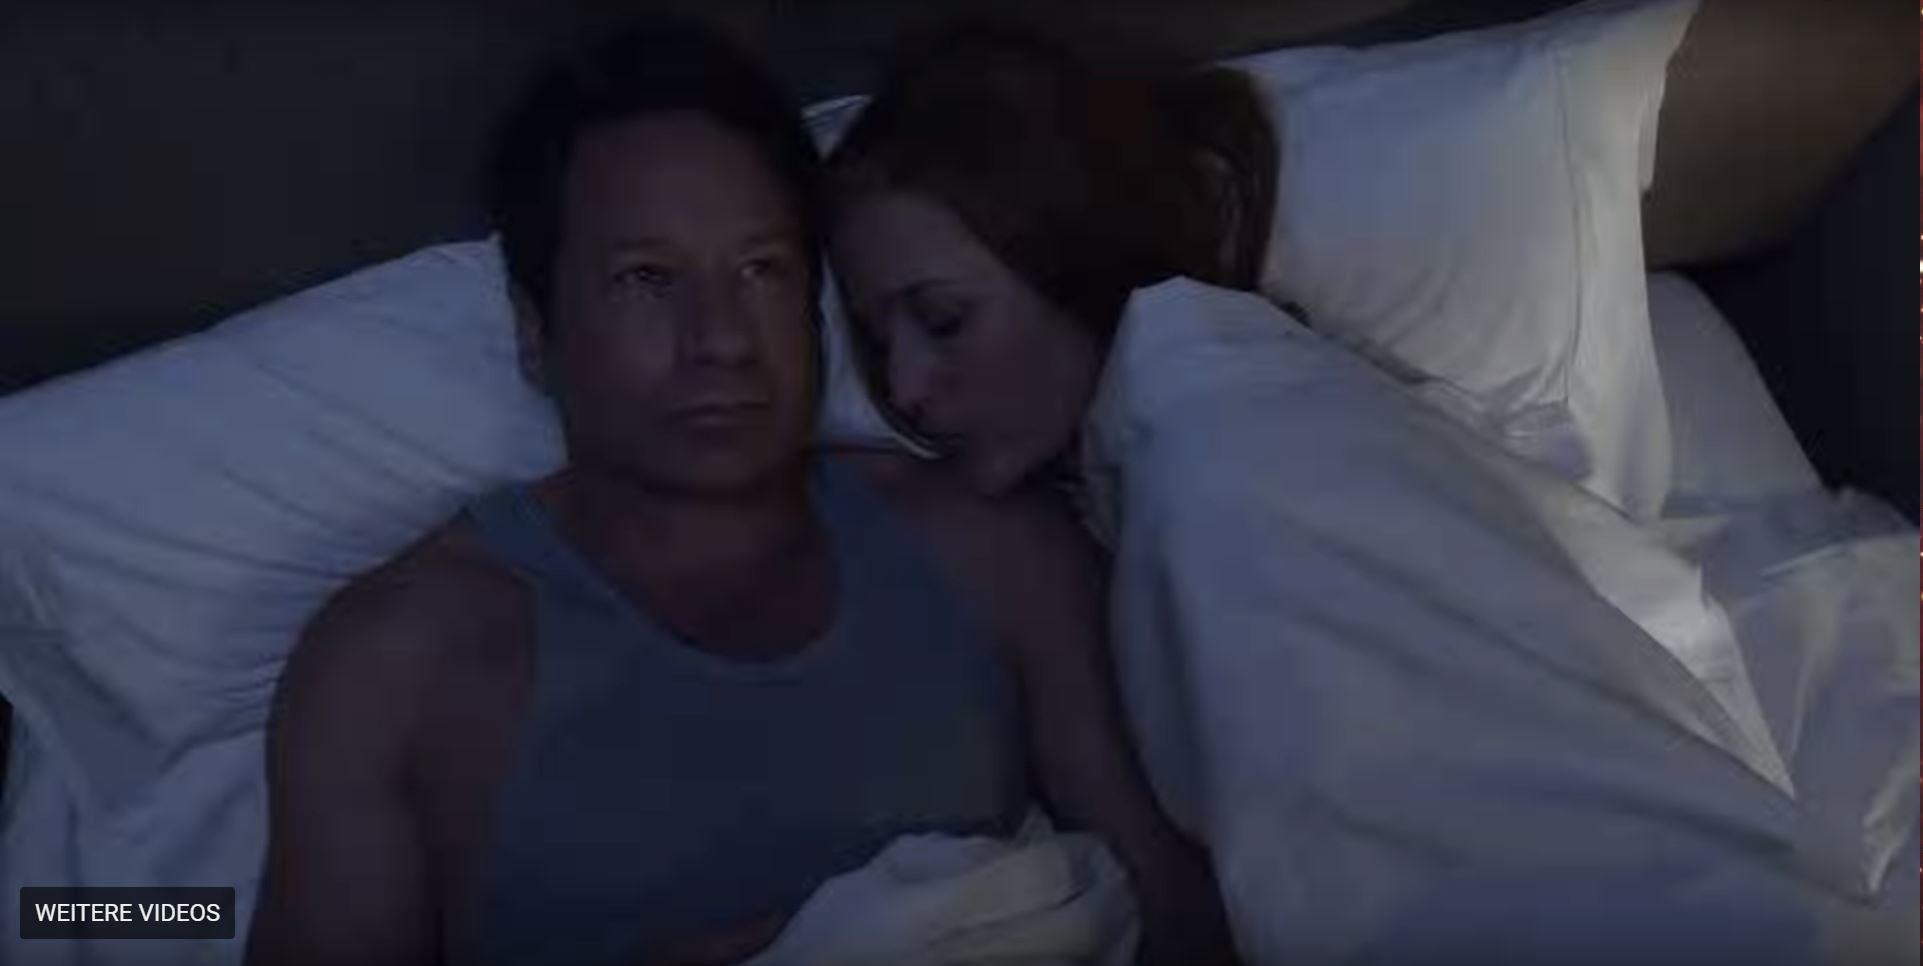 Die Szene wird nur ein Bruchteil einer Sekunde gezeigt: Scully und Mulder liegen in einem Bett. Foto: © Twentieth Century Fox Film Corporation